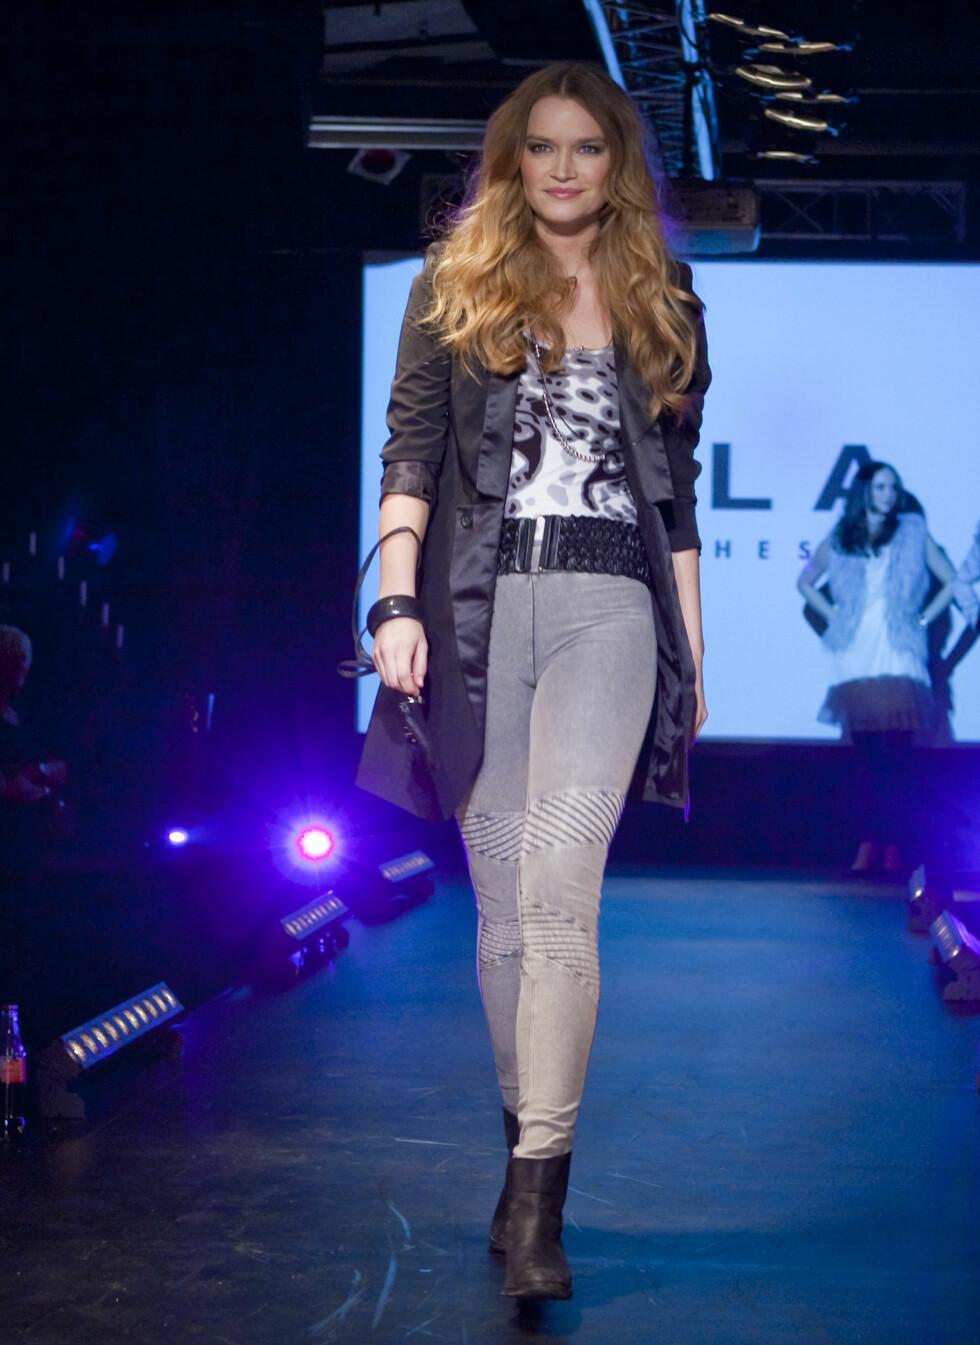 Grå, smale jeans fortsetter å være en viktig trend. Har du ikke skaffet deg et par allerede, kan du trygt gjøre det. Denne trenden forblir! Foto: Per Ervland